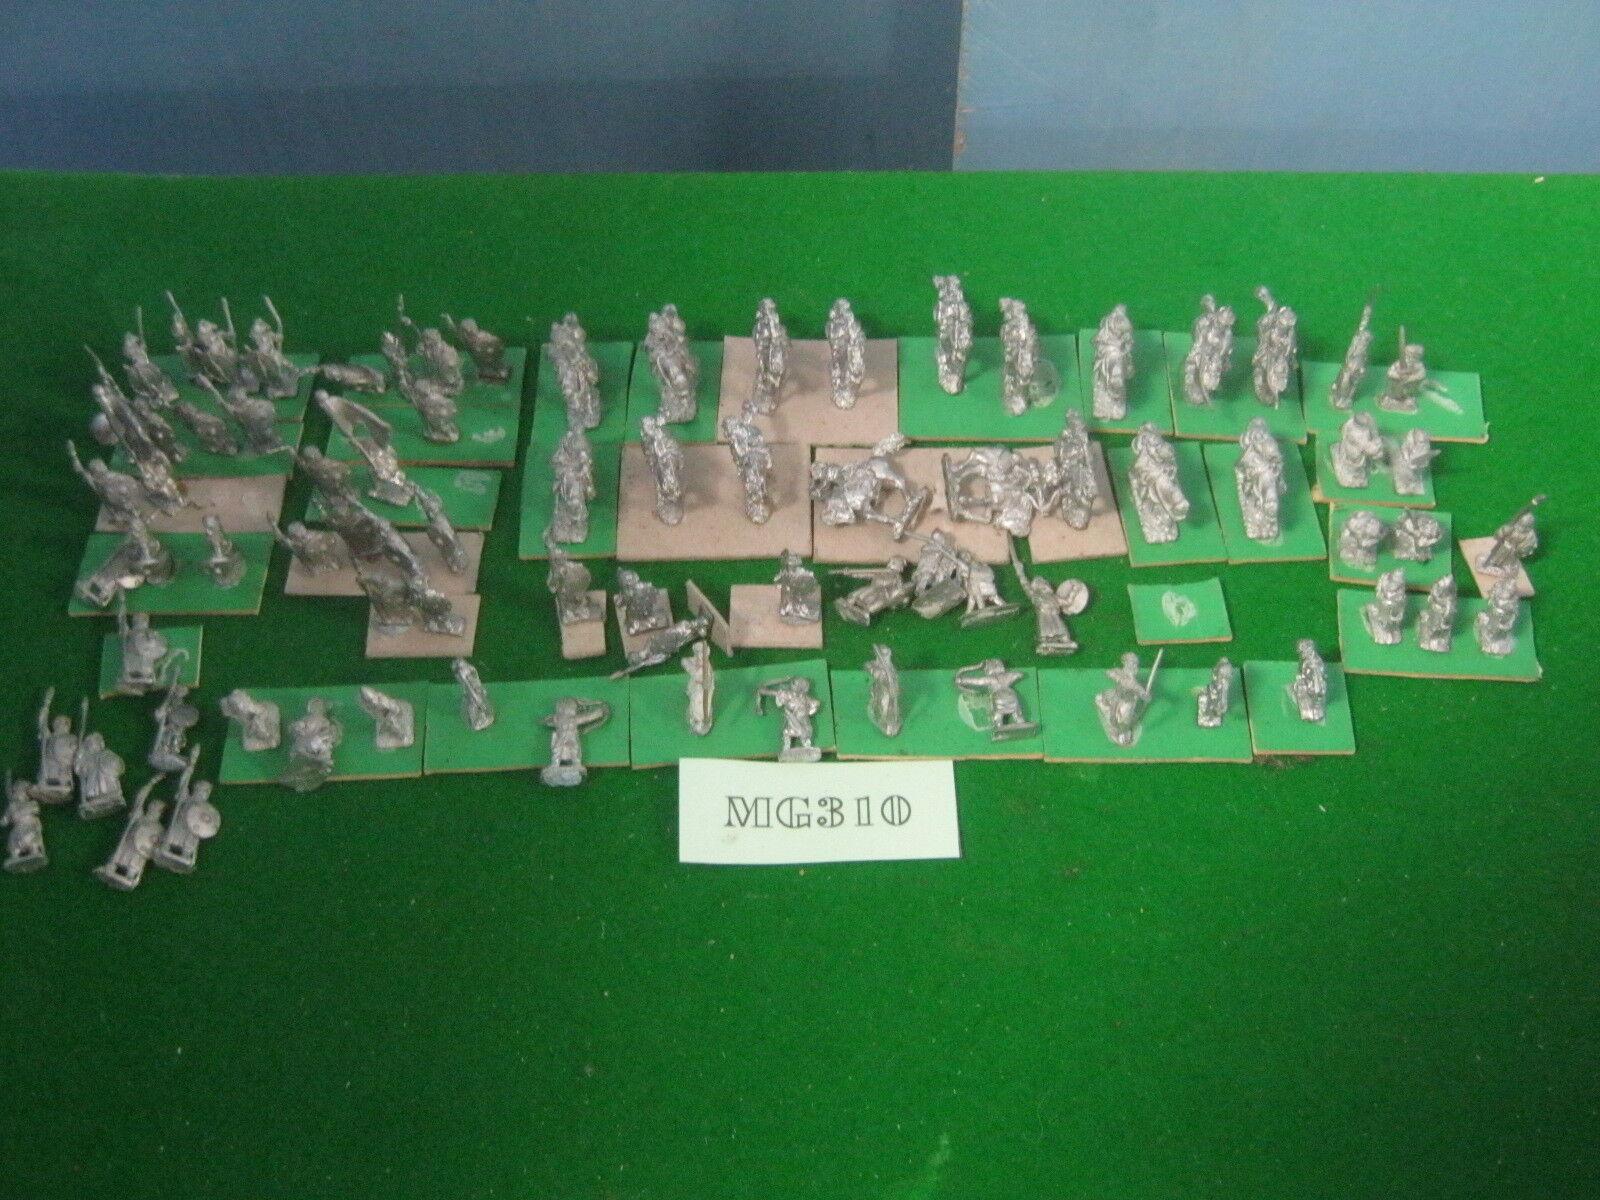 DBA dBm 15mm conquista árabe Ejército, 70 figuras de metal sin pintar ref MG310